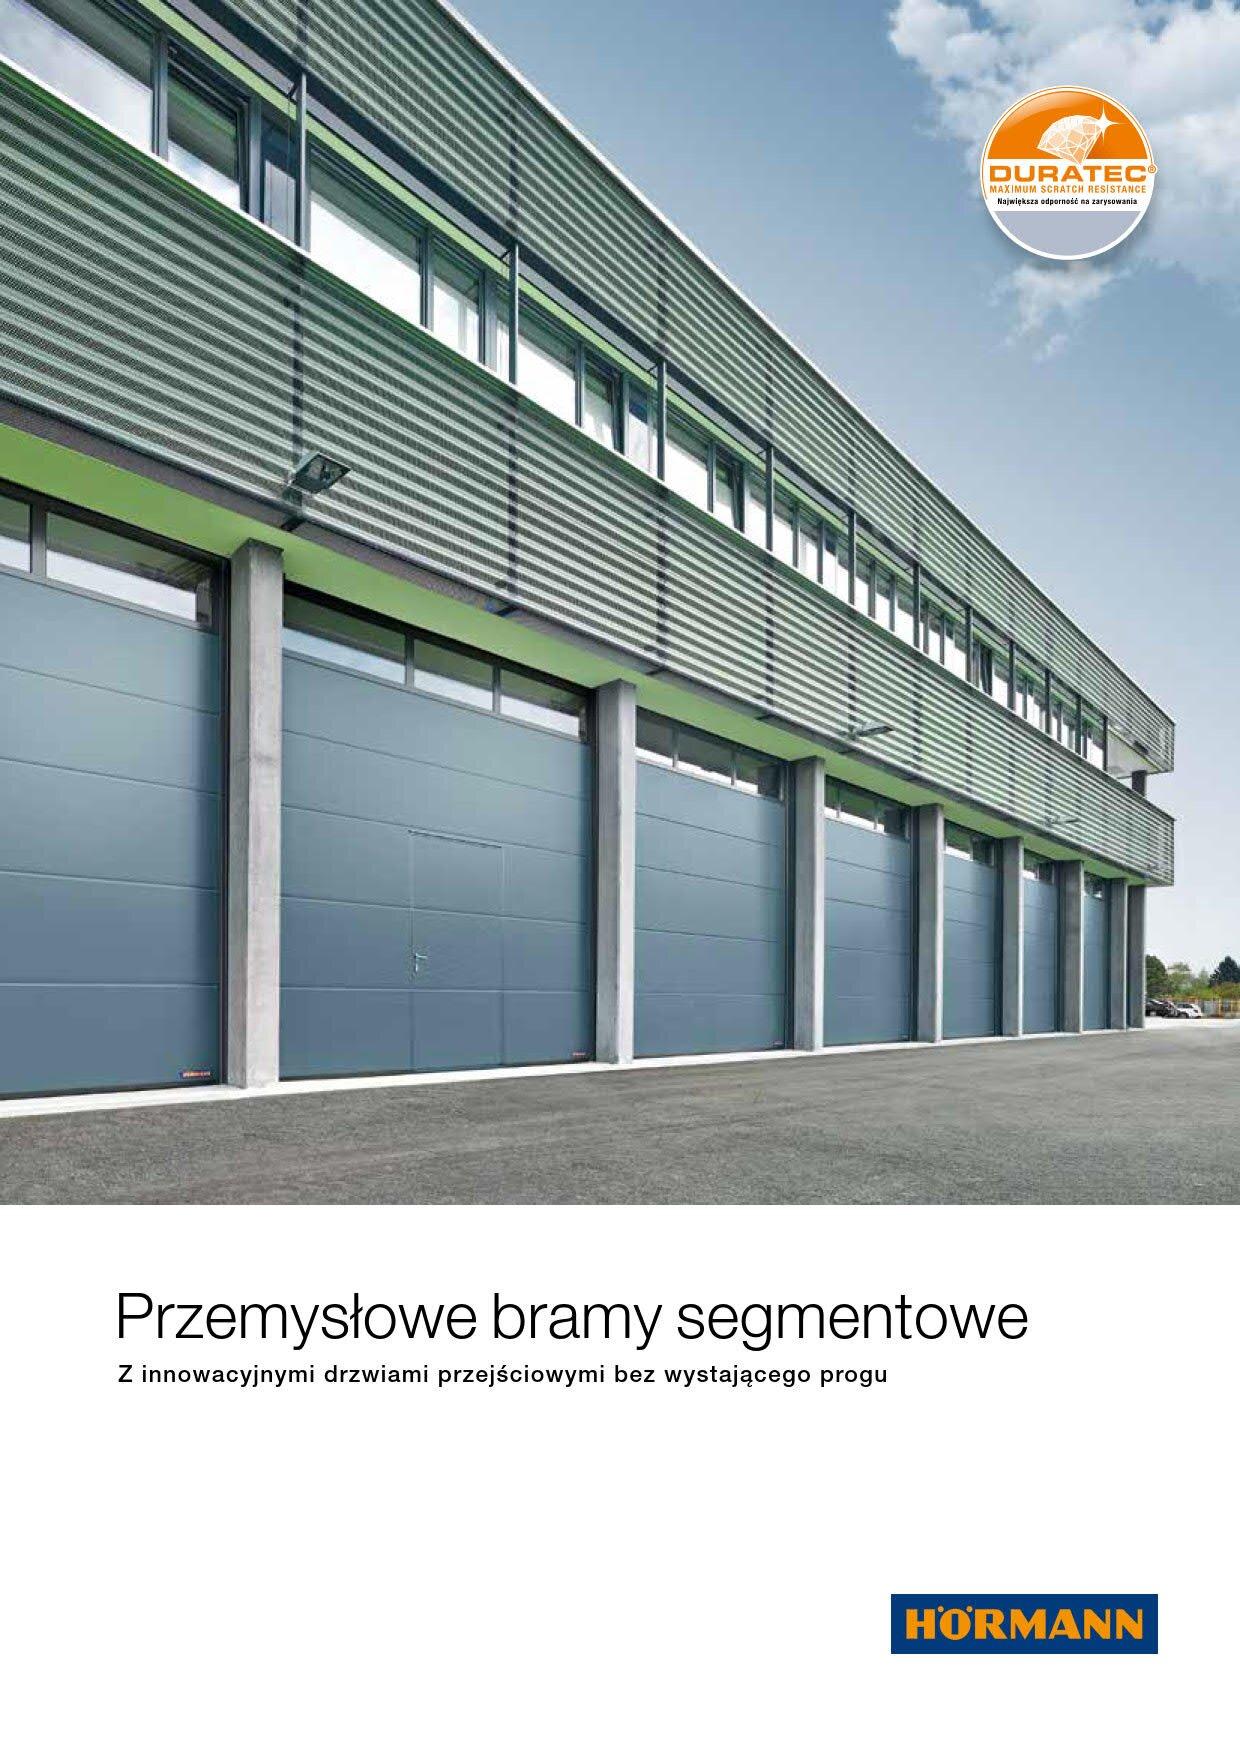 Segmentowe bramy przemysłowe Image